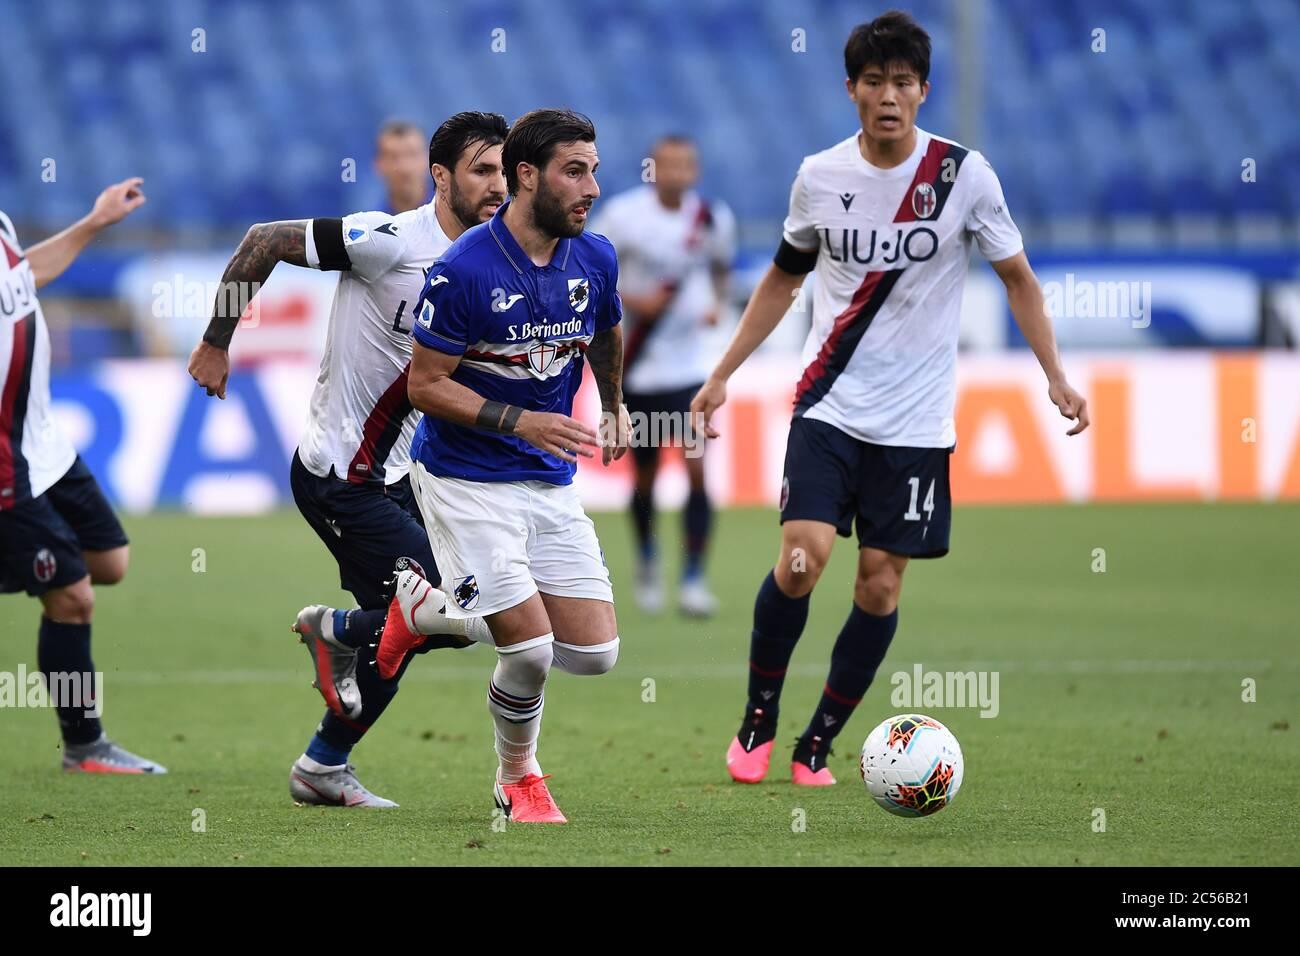 Mehdi Leris Sampdoria Takehiro Tomiyasu Bologna Roberto Soriano Bologna During The Italian Serie A Match Between